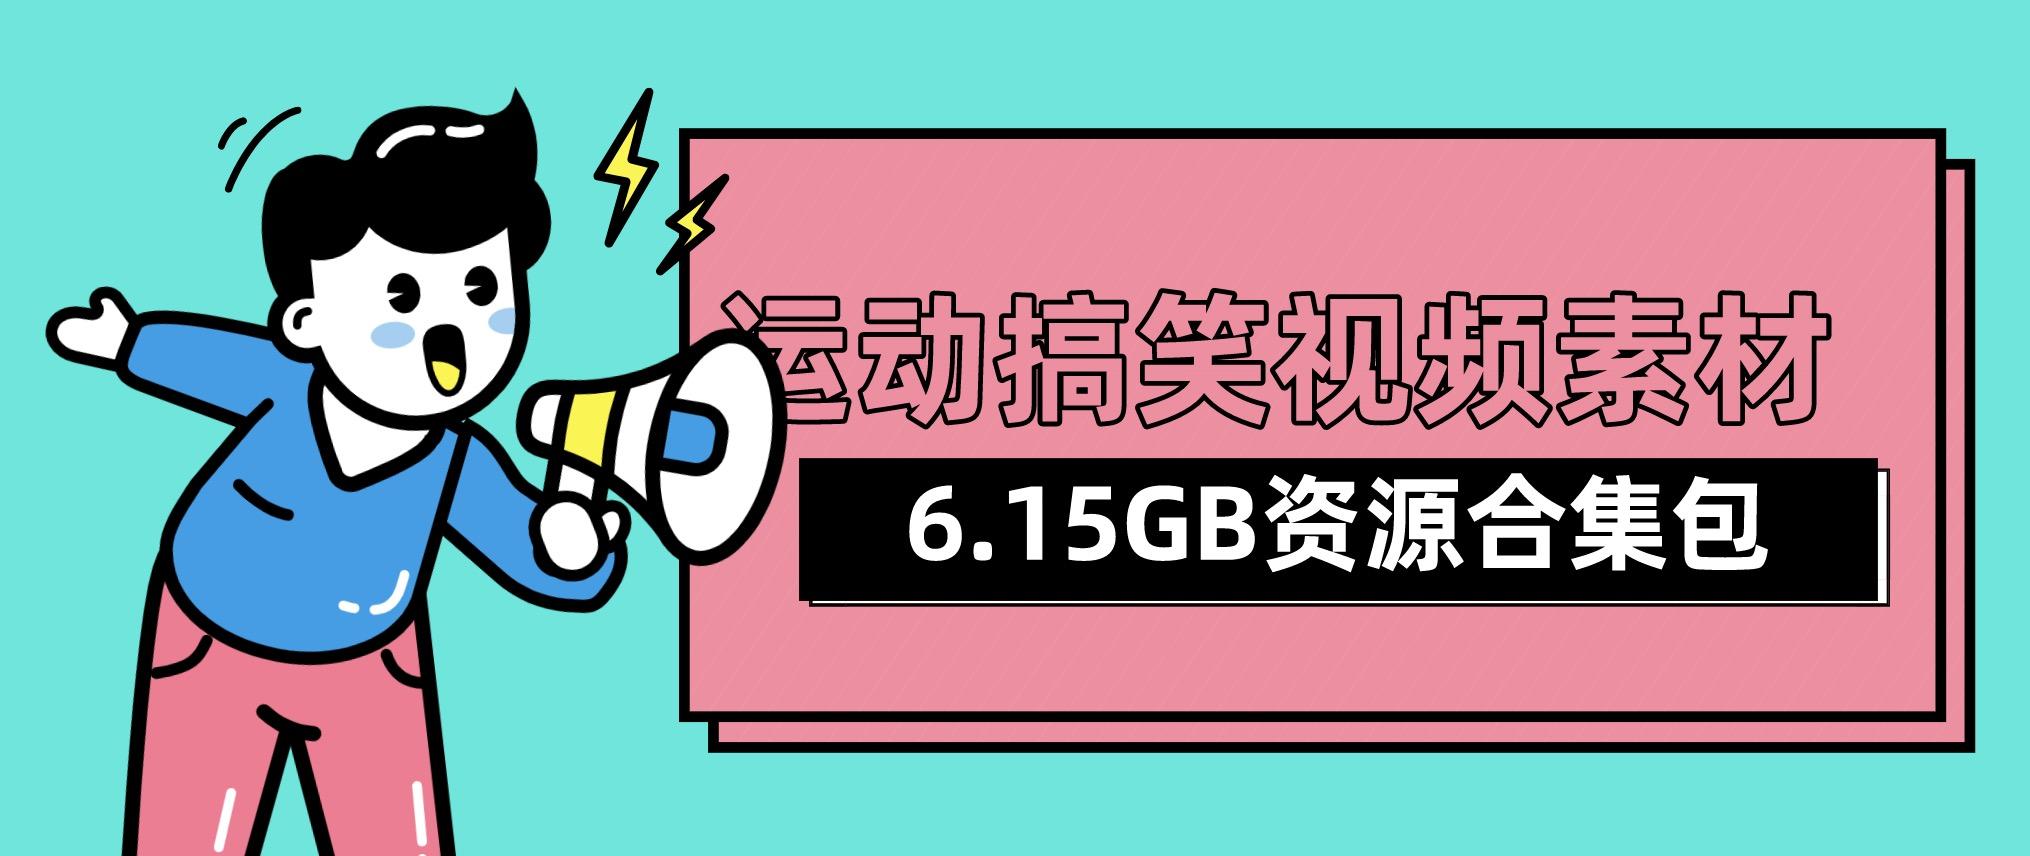 视频号抖音快手运动搞笑视频素材合集包(6.15GB) 百度网盘